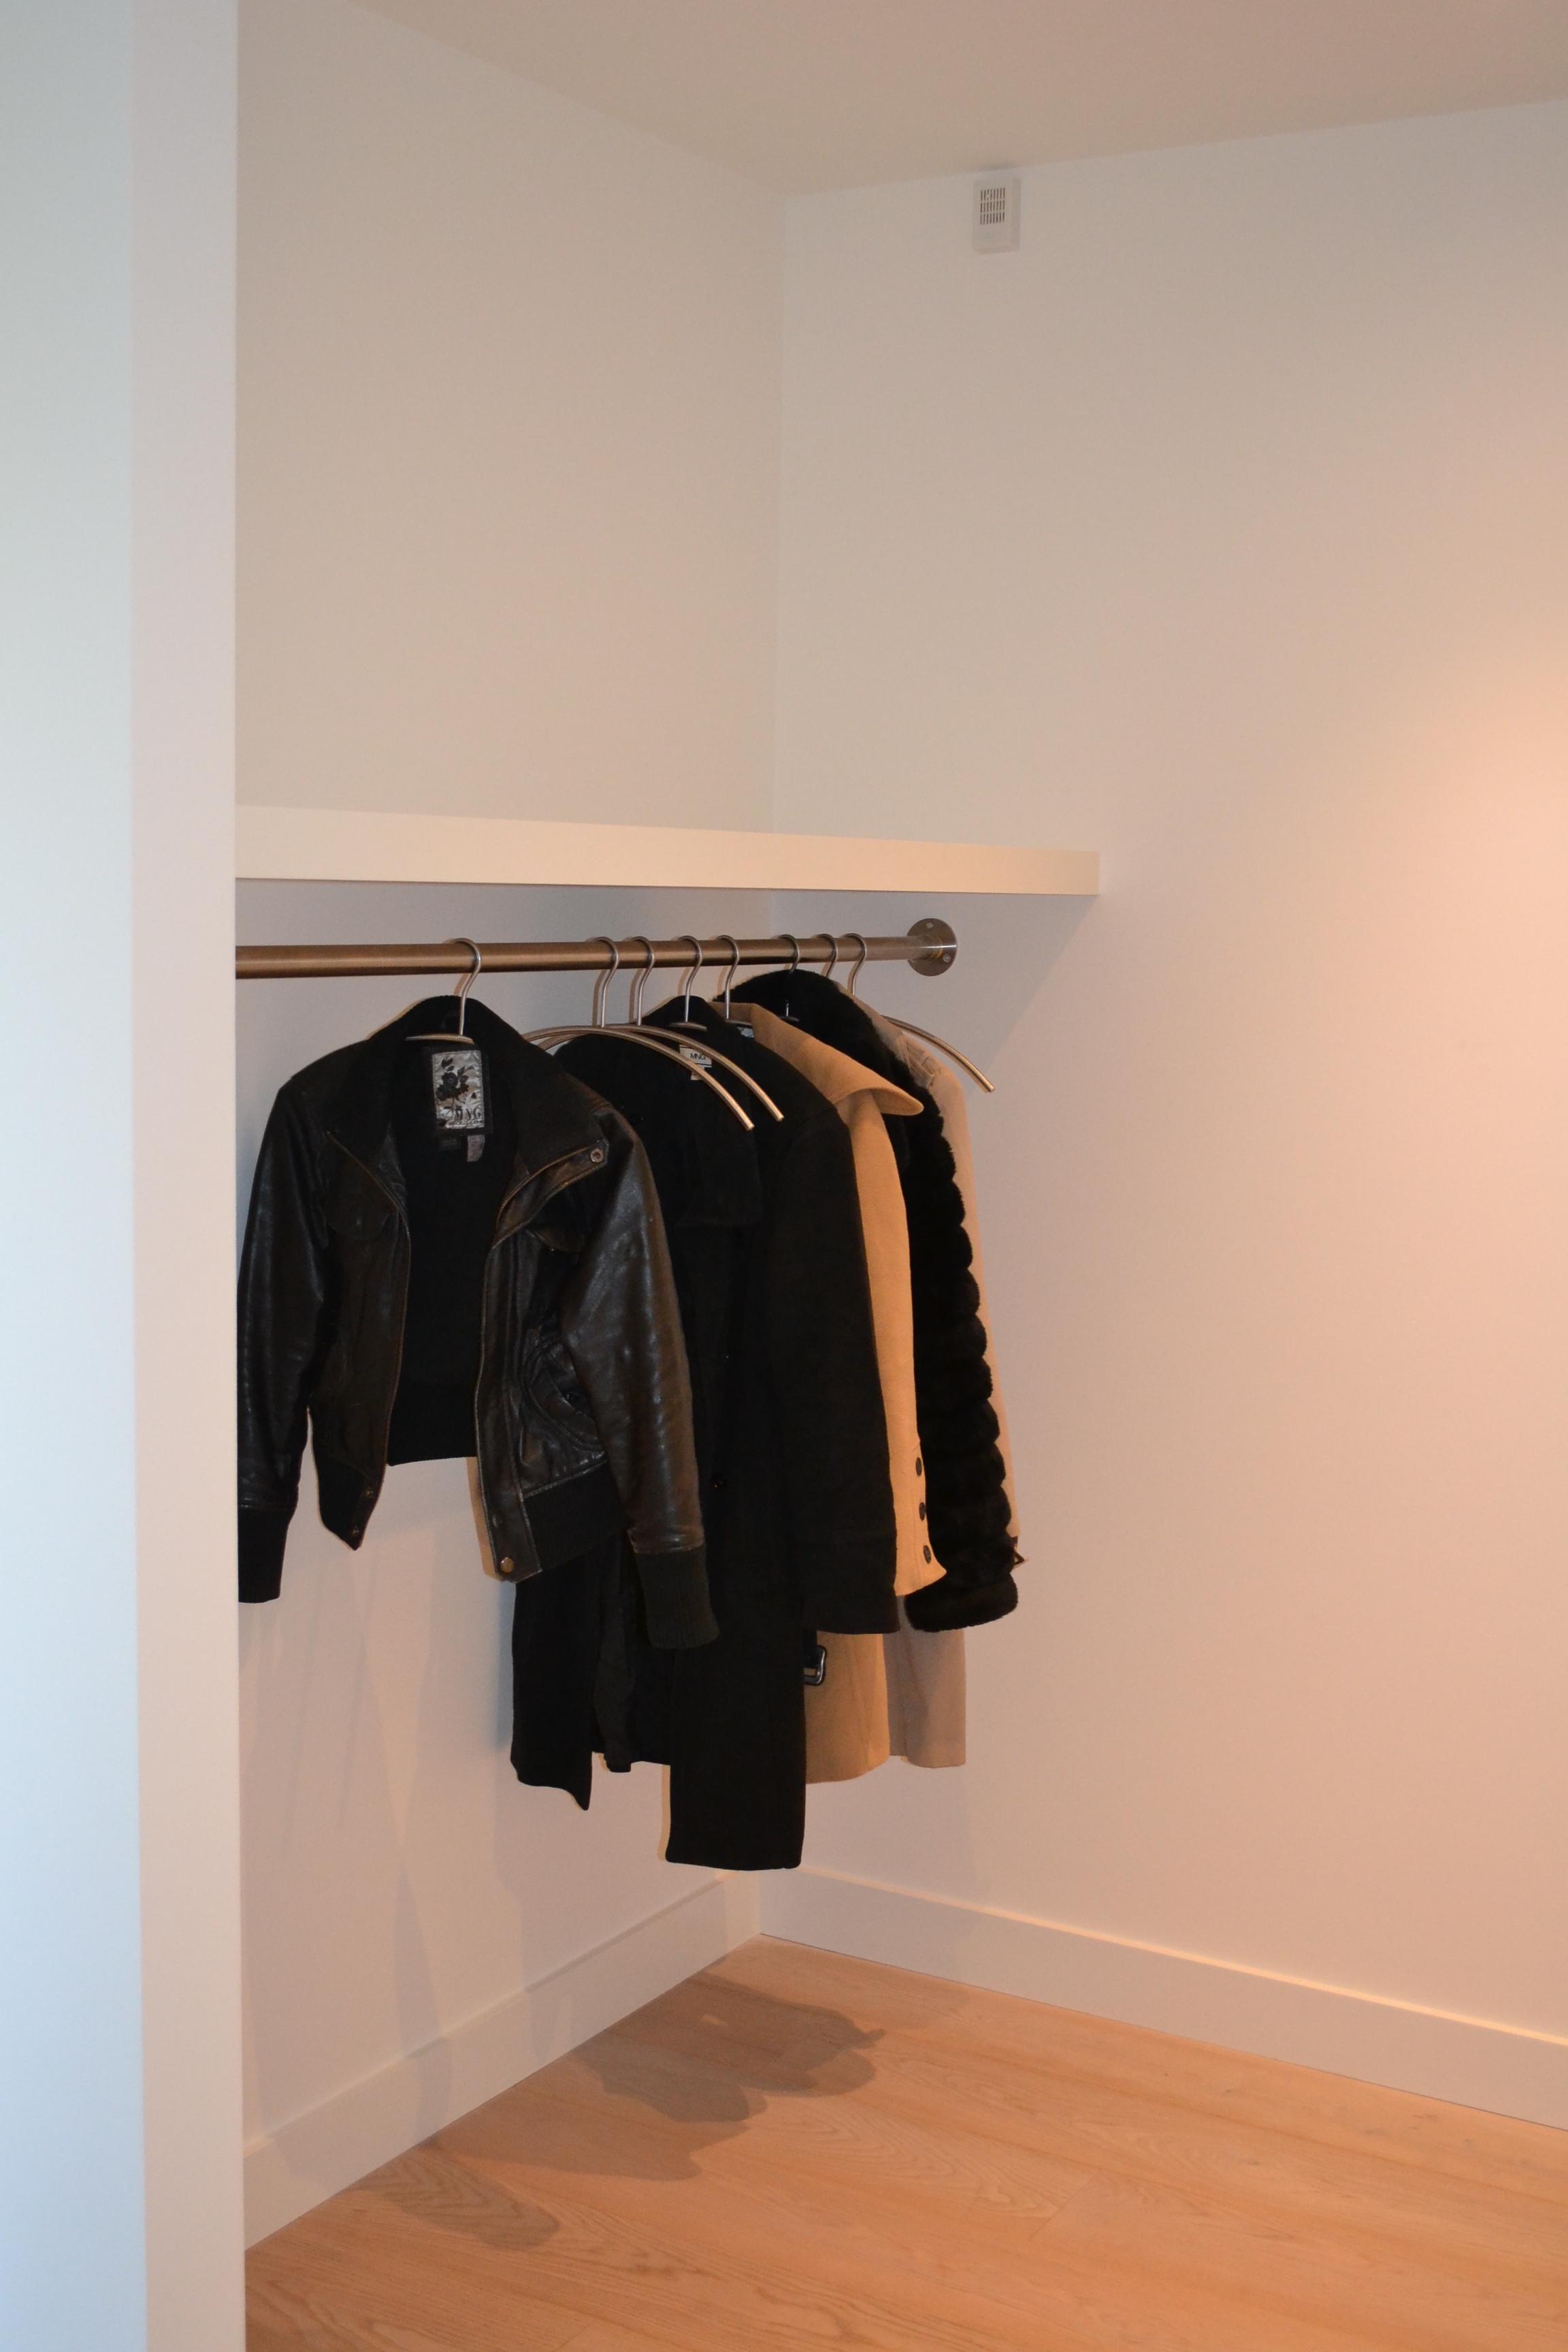 Unglaublich Garderobe Ideen Von With With Mae